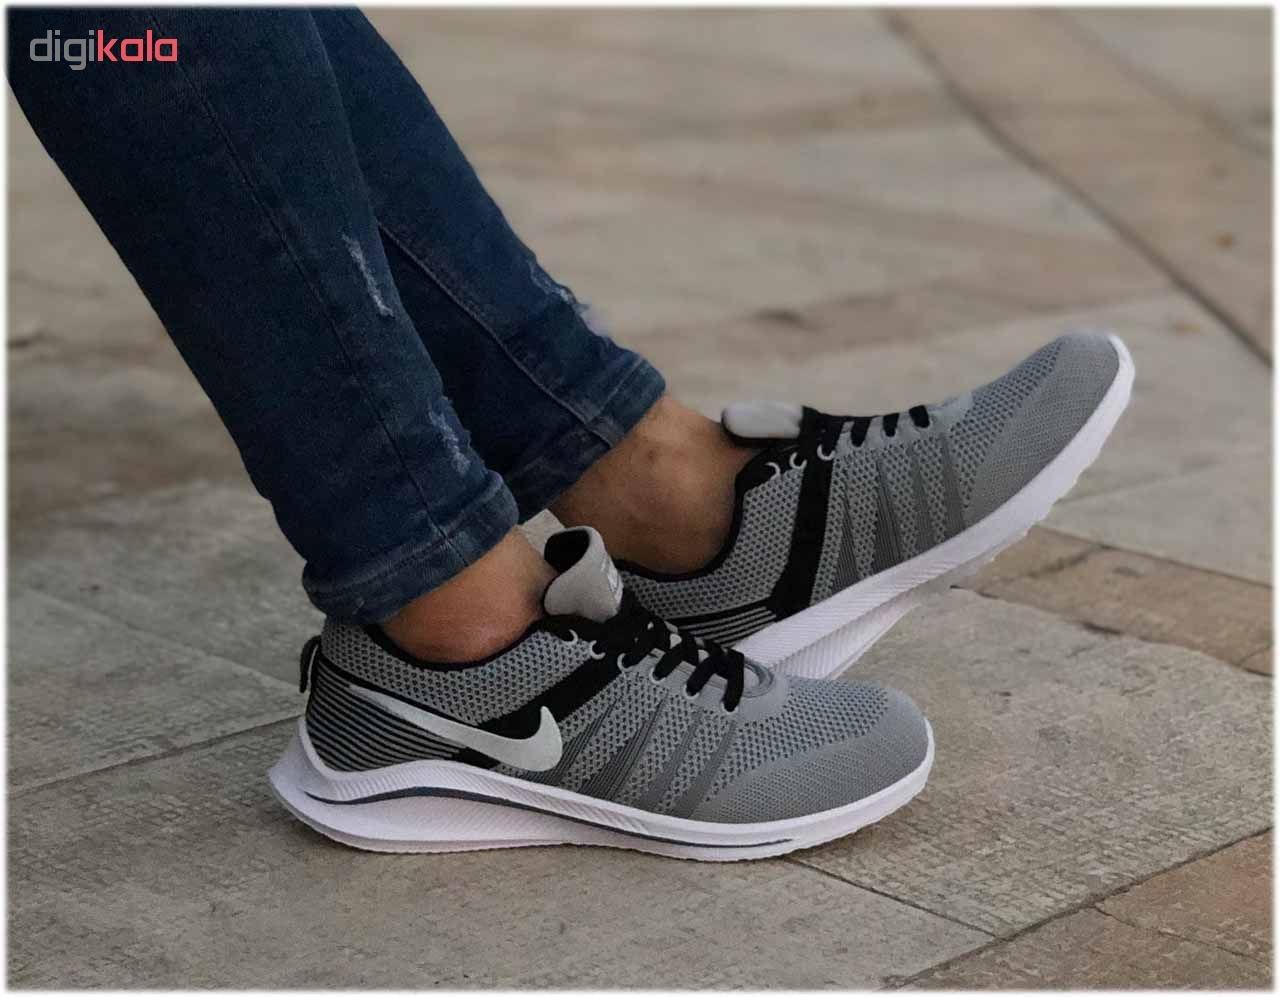 کفش مخصوص پیاده روی مردانه کد 9114 main 1 5